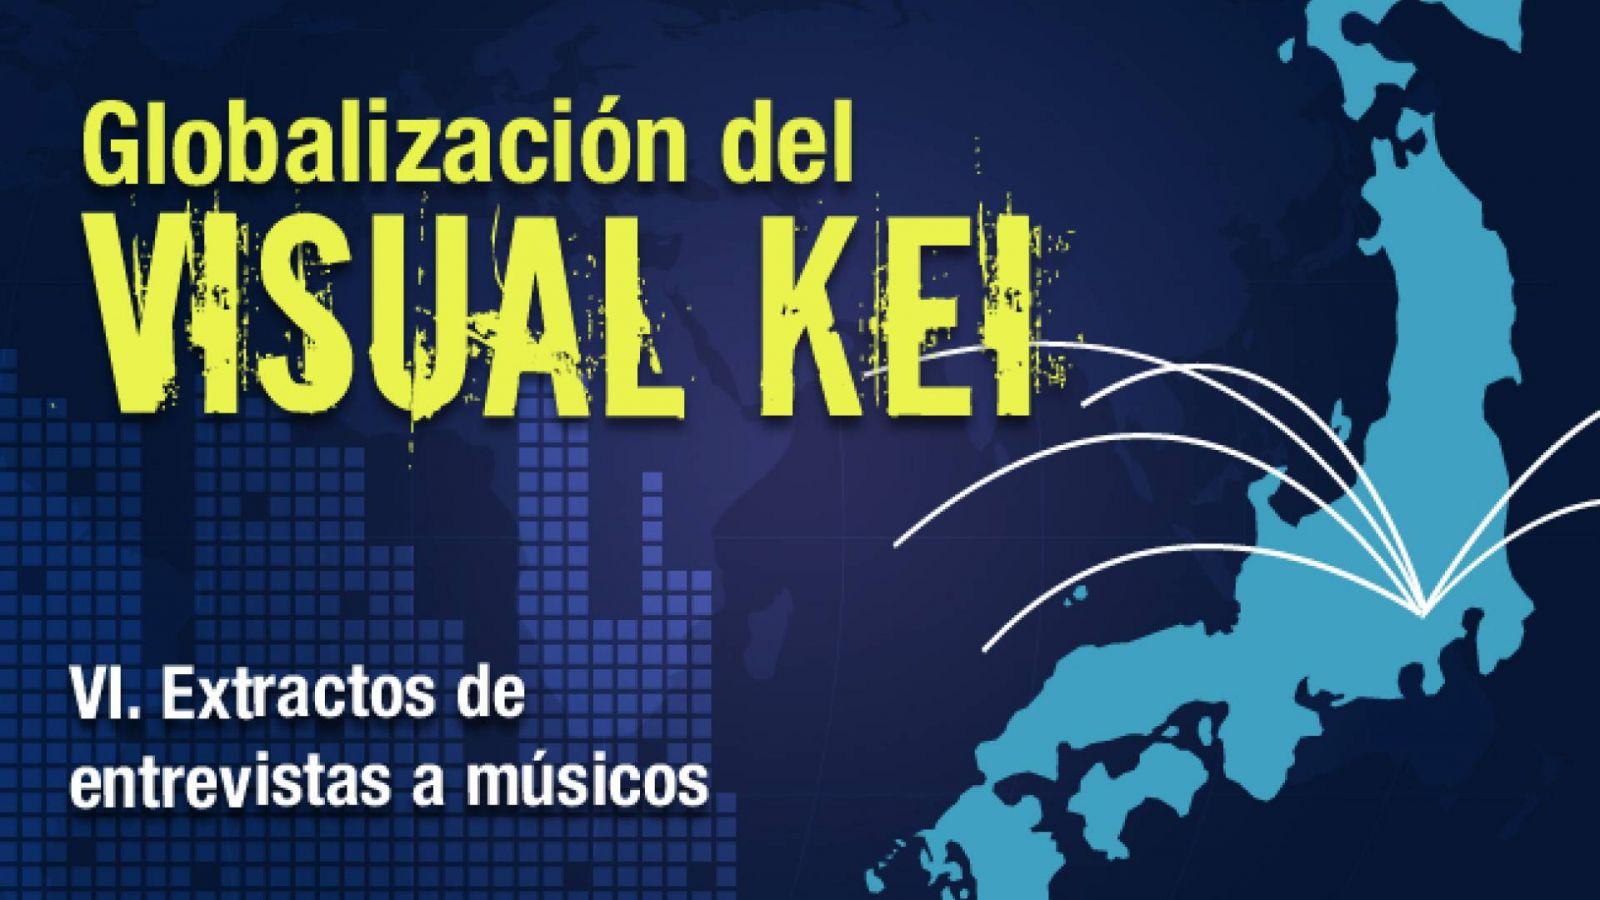 La globalización del Visual Kei: Extractos de entrevistas a músicos © Lydia Michalitsianos